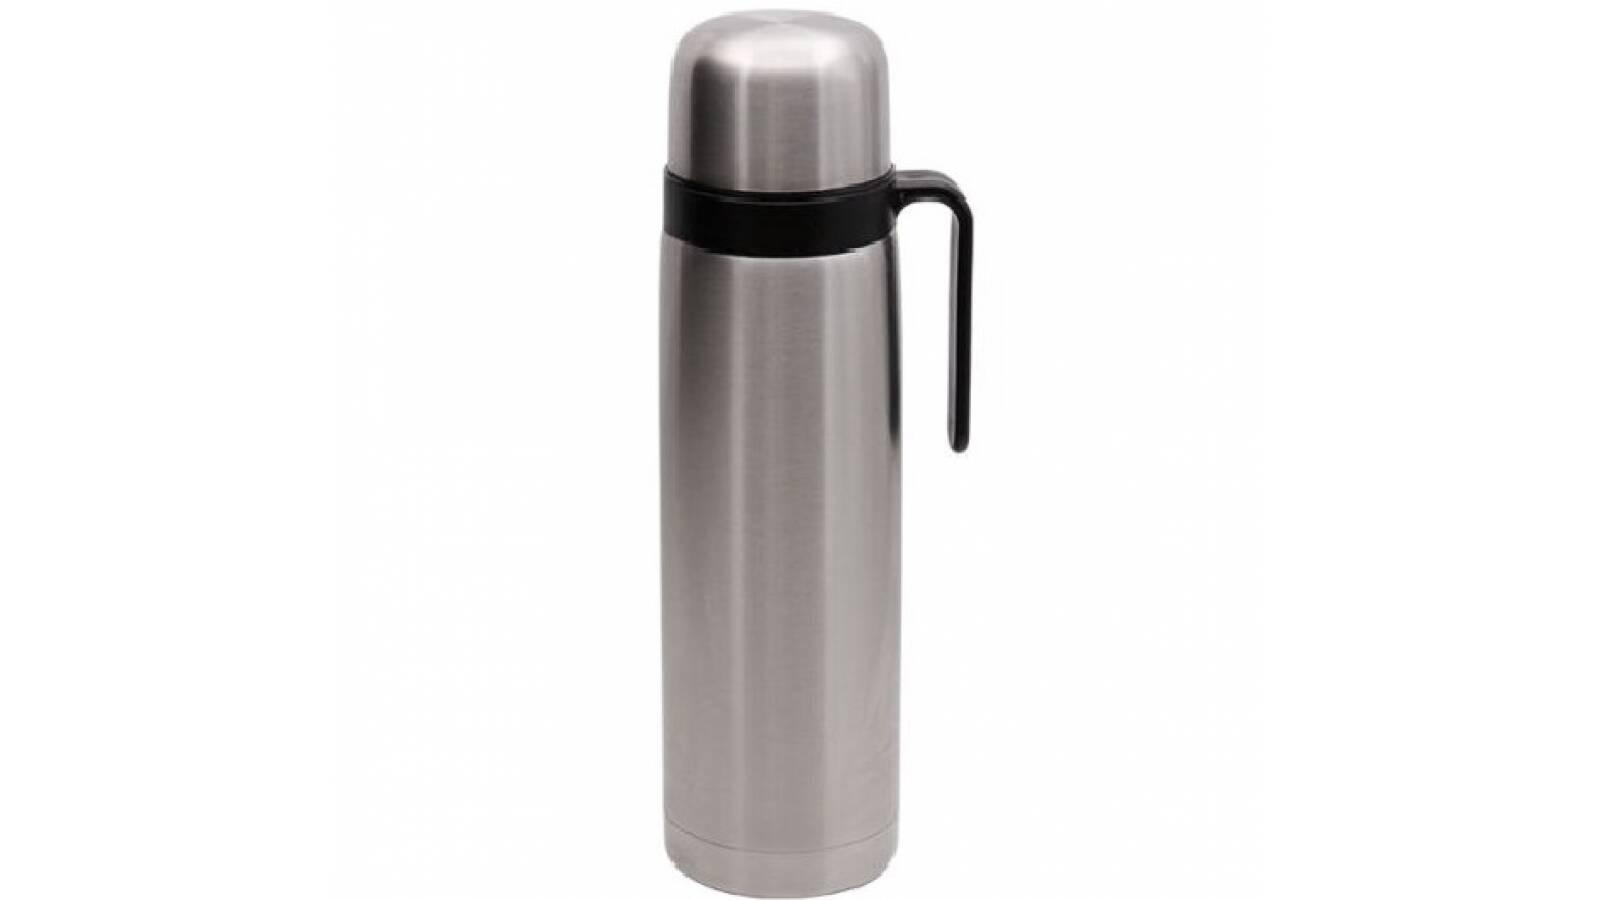 Termo acero inox 1 litro - conserva temperatura mate